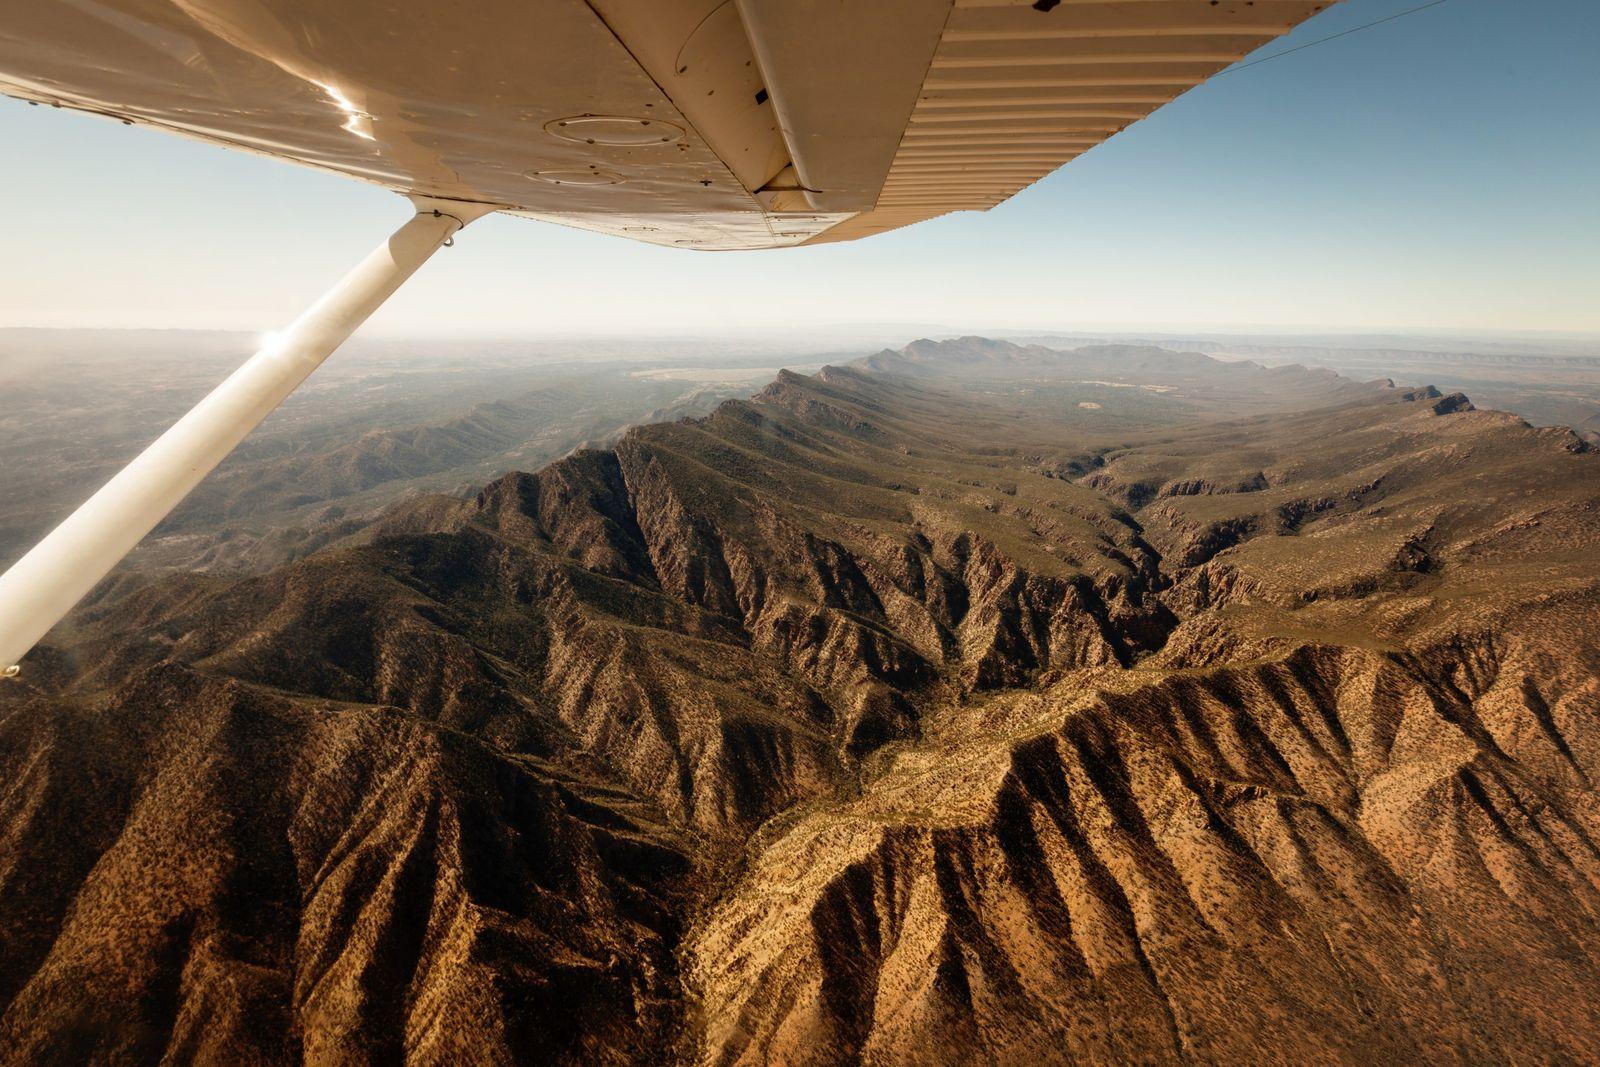 Die Aussicht aus seiner Cessna offenbart die Schönheit der Berglandschaft Wilpena Pound